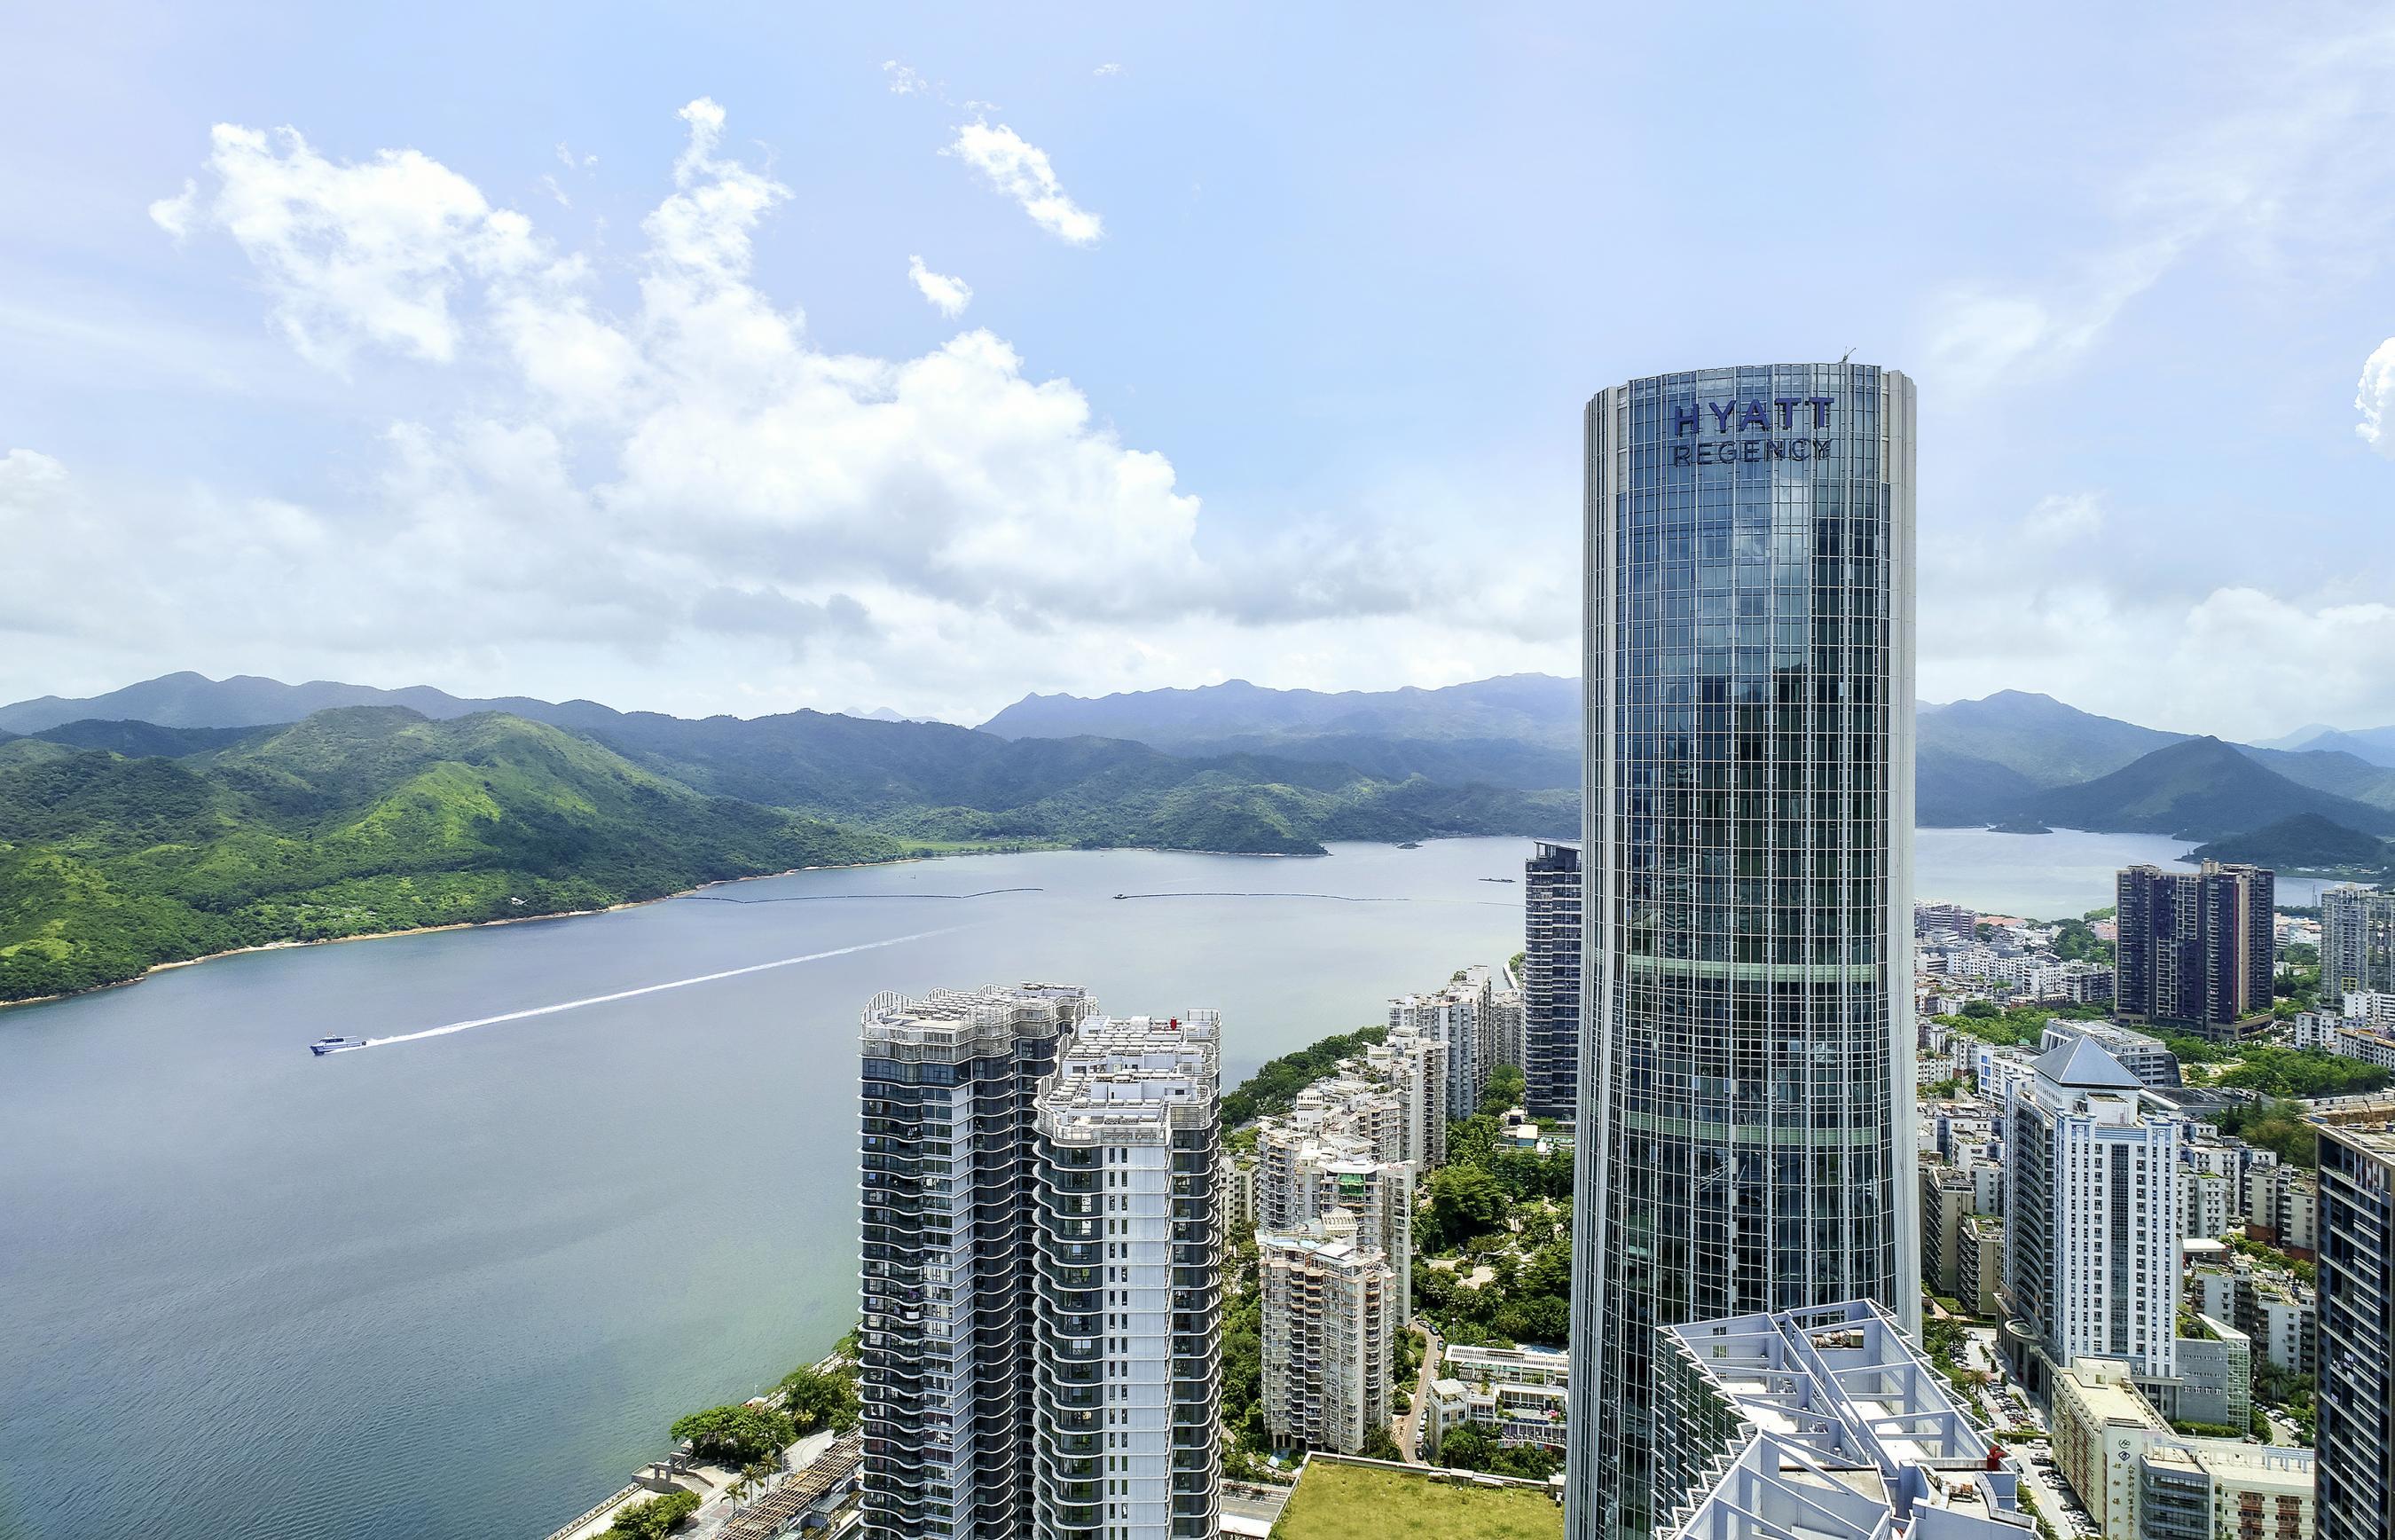 Hyatt Regency Shenzhen Yantian Opens in East Shenzhen | WebWire